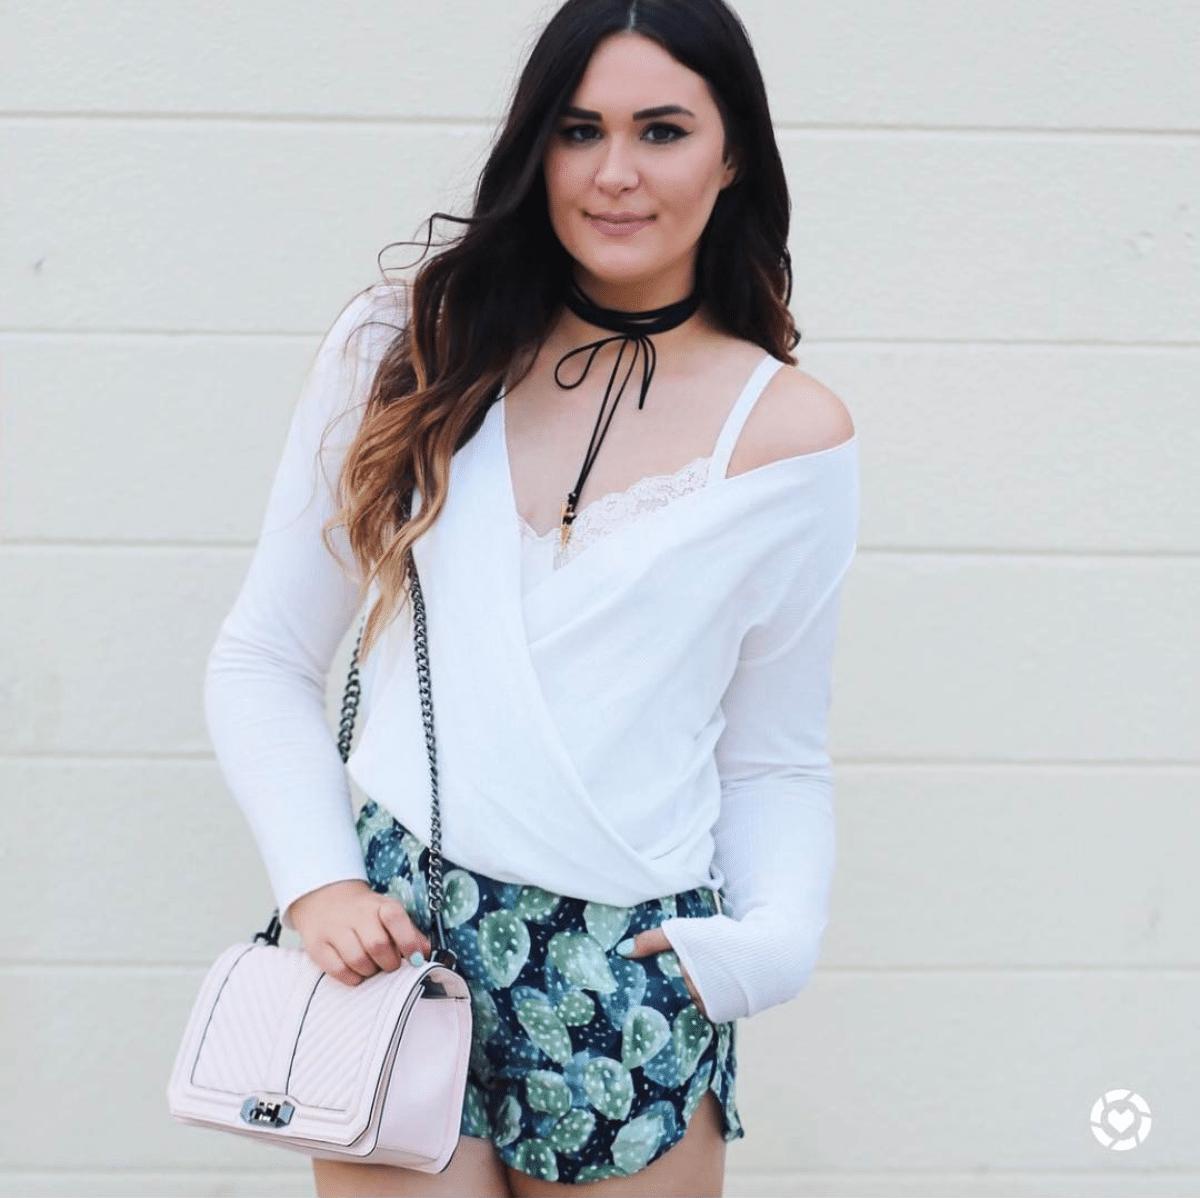 Shop my instagram | Mash Elle beauty blogger | fashion inspo | Shop my closet | instagram style | cactus shorts